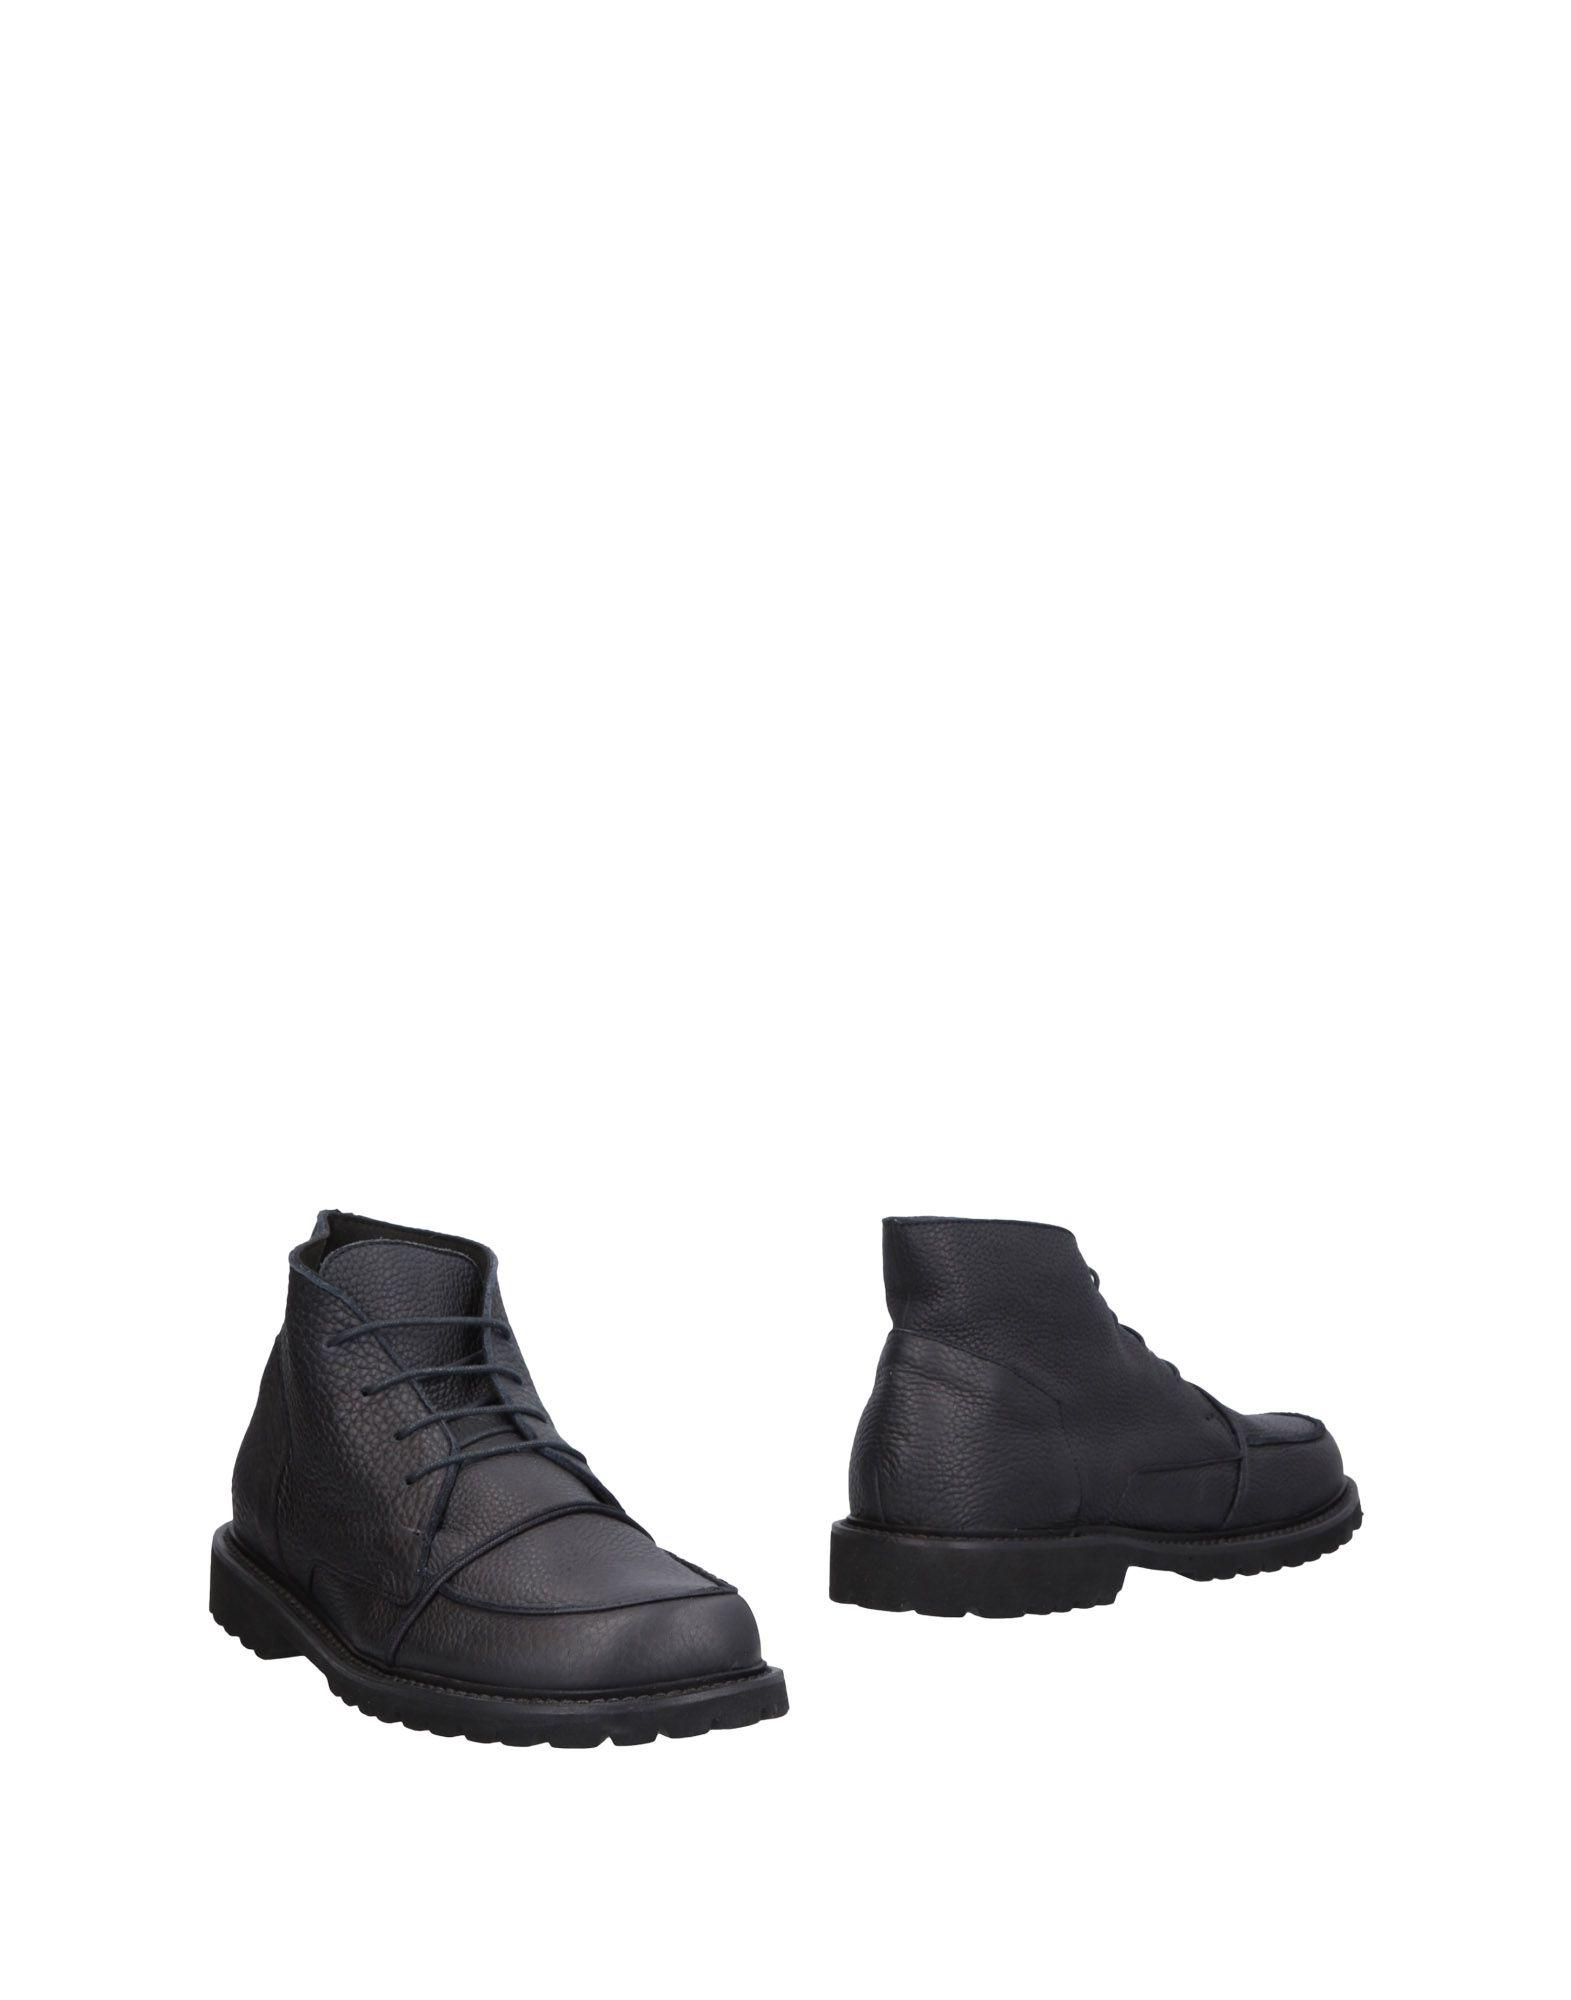 Peter Non Stiefelette Herren beliebte  11455906VI Gute Qualität beliebte Herren Schuhe 4db334